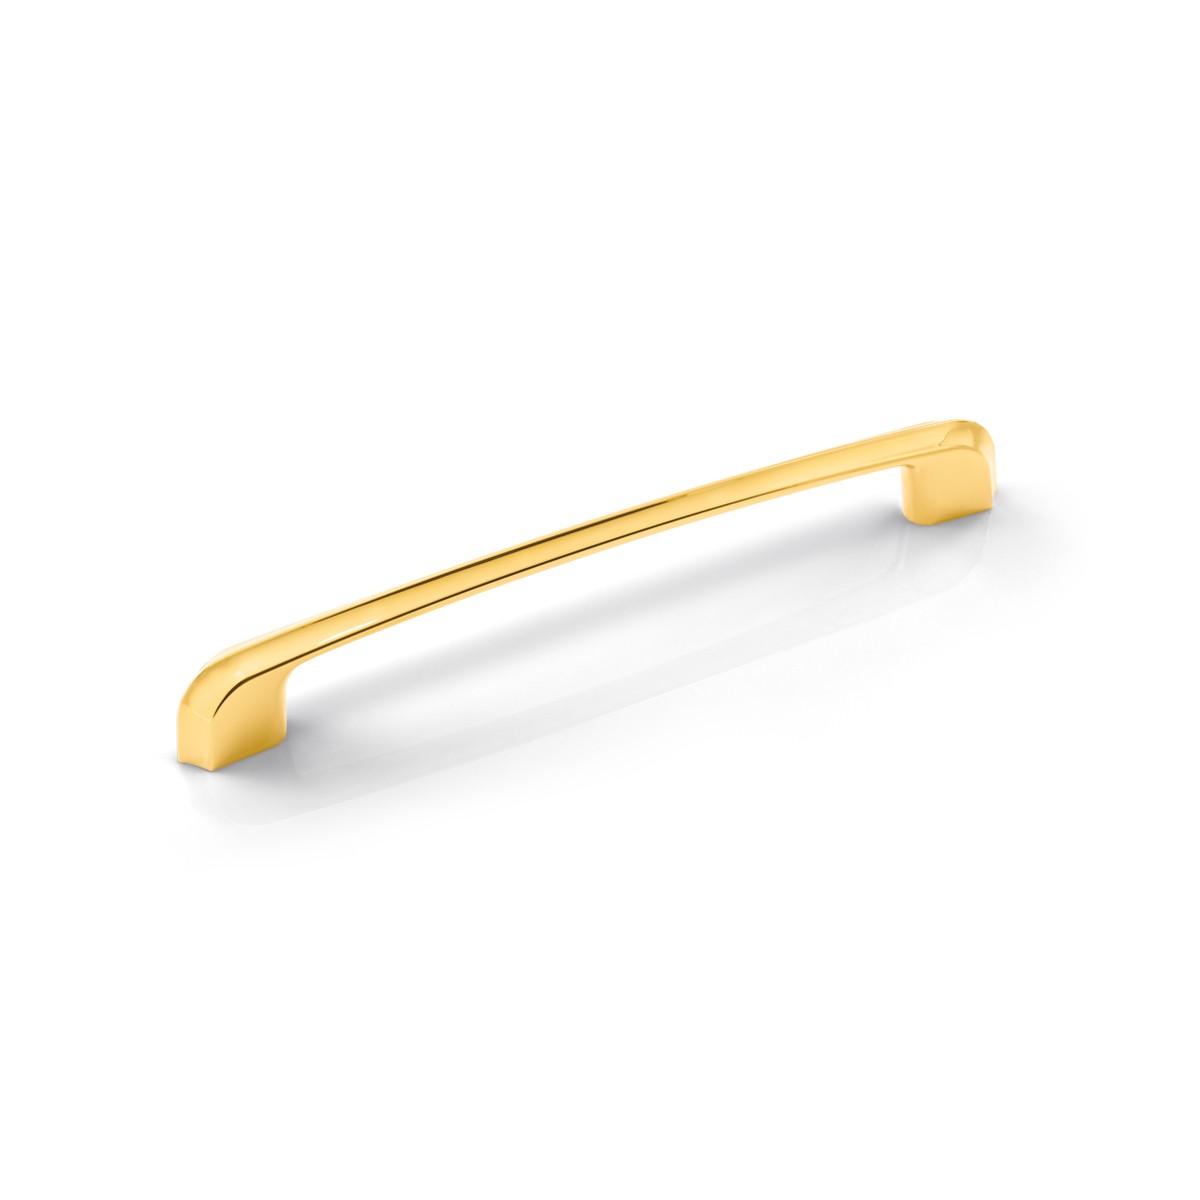 دستگیره کابینتی H1900 - طلایی PVD